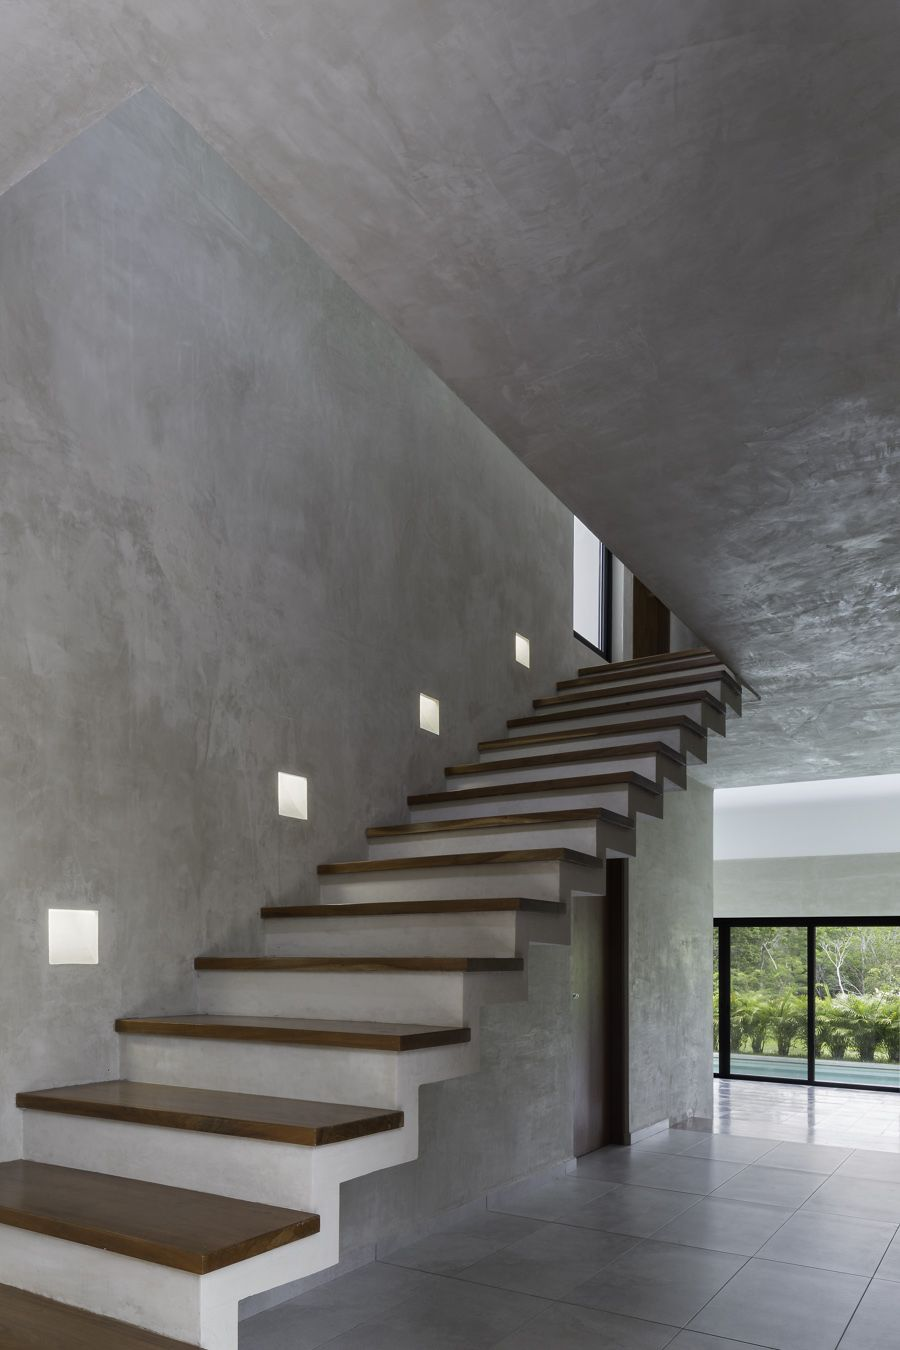 cemento escaleras voladasescaleras - Escaleras Voladas